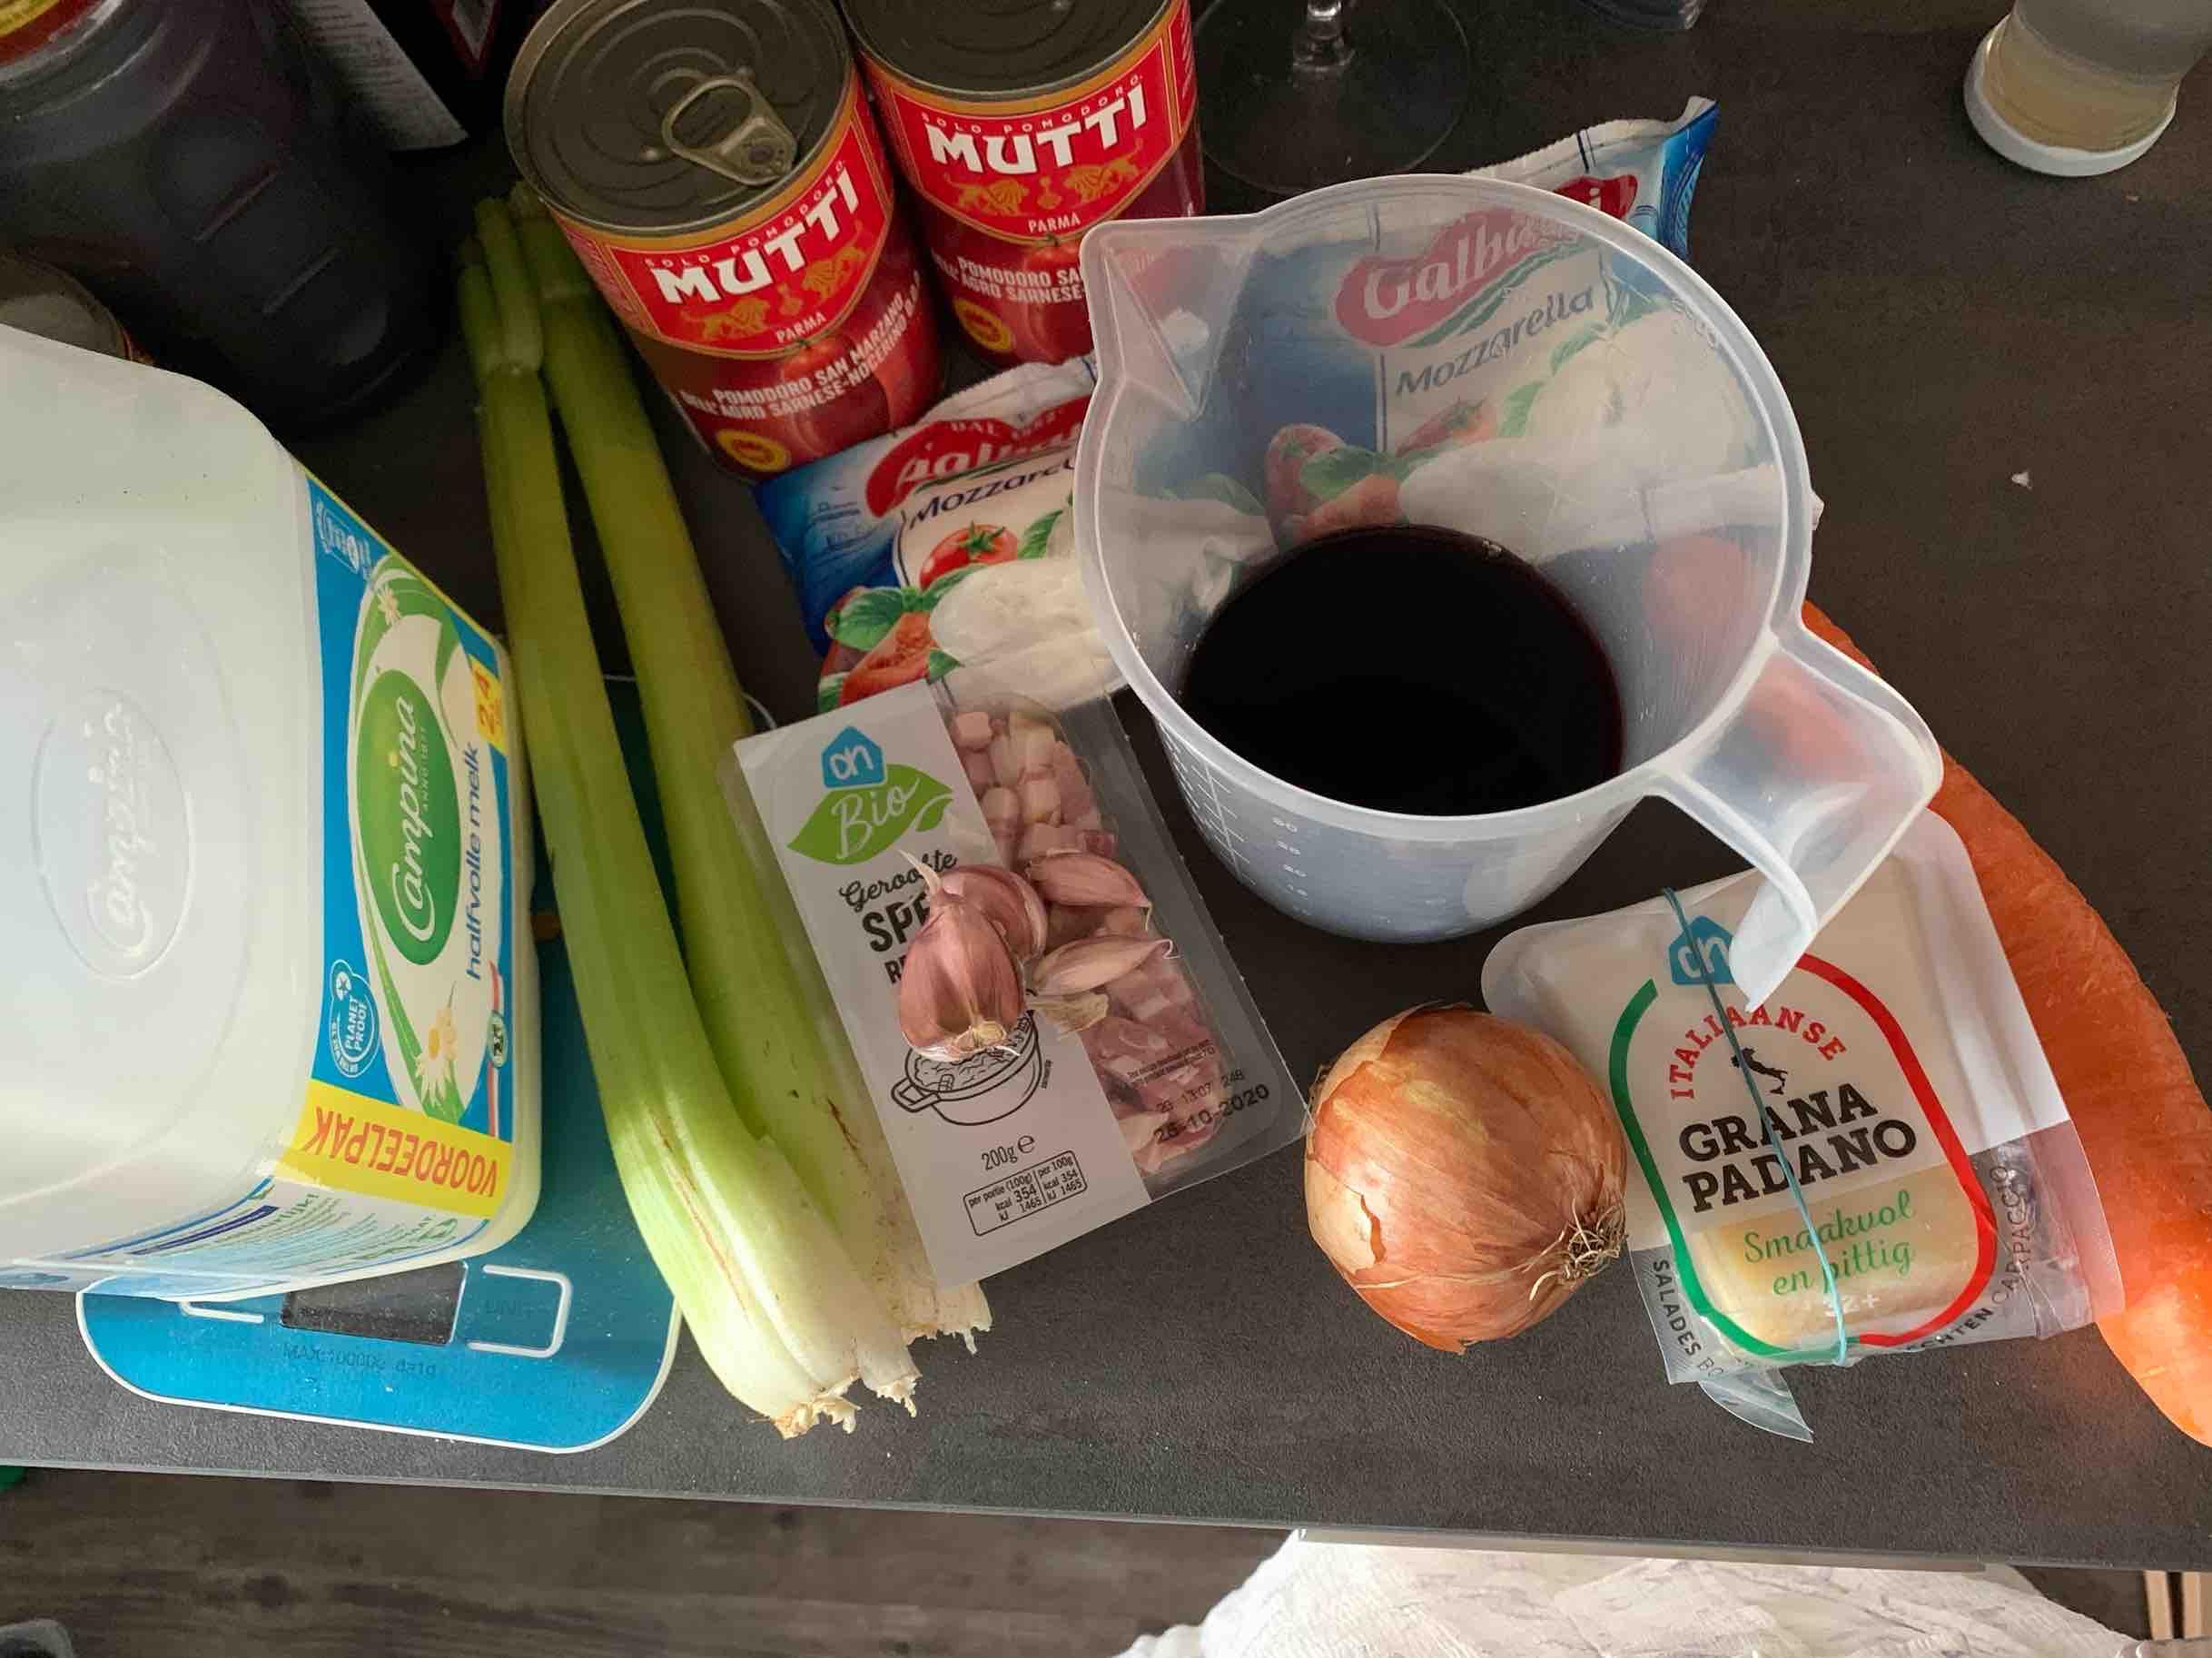 四小时千层面(酱)可用作意大利面酱的做法大全